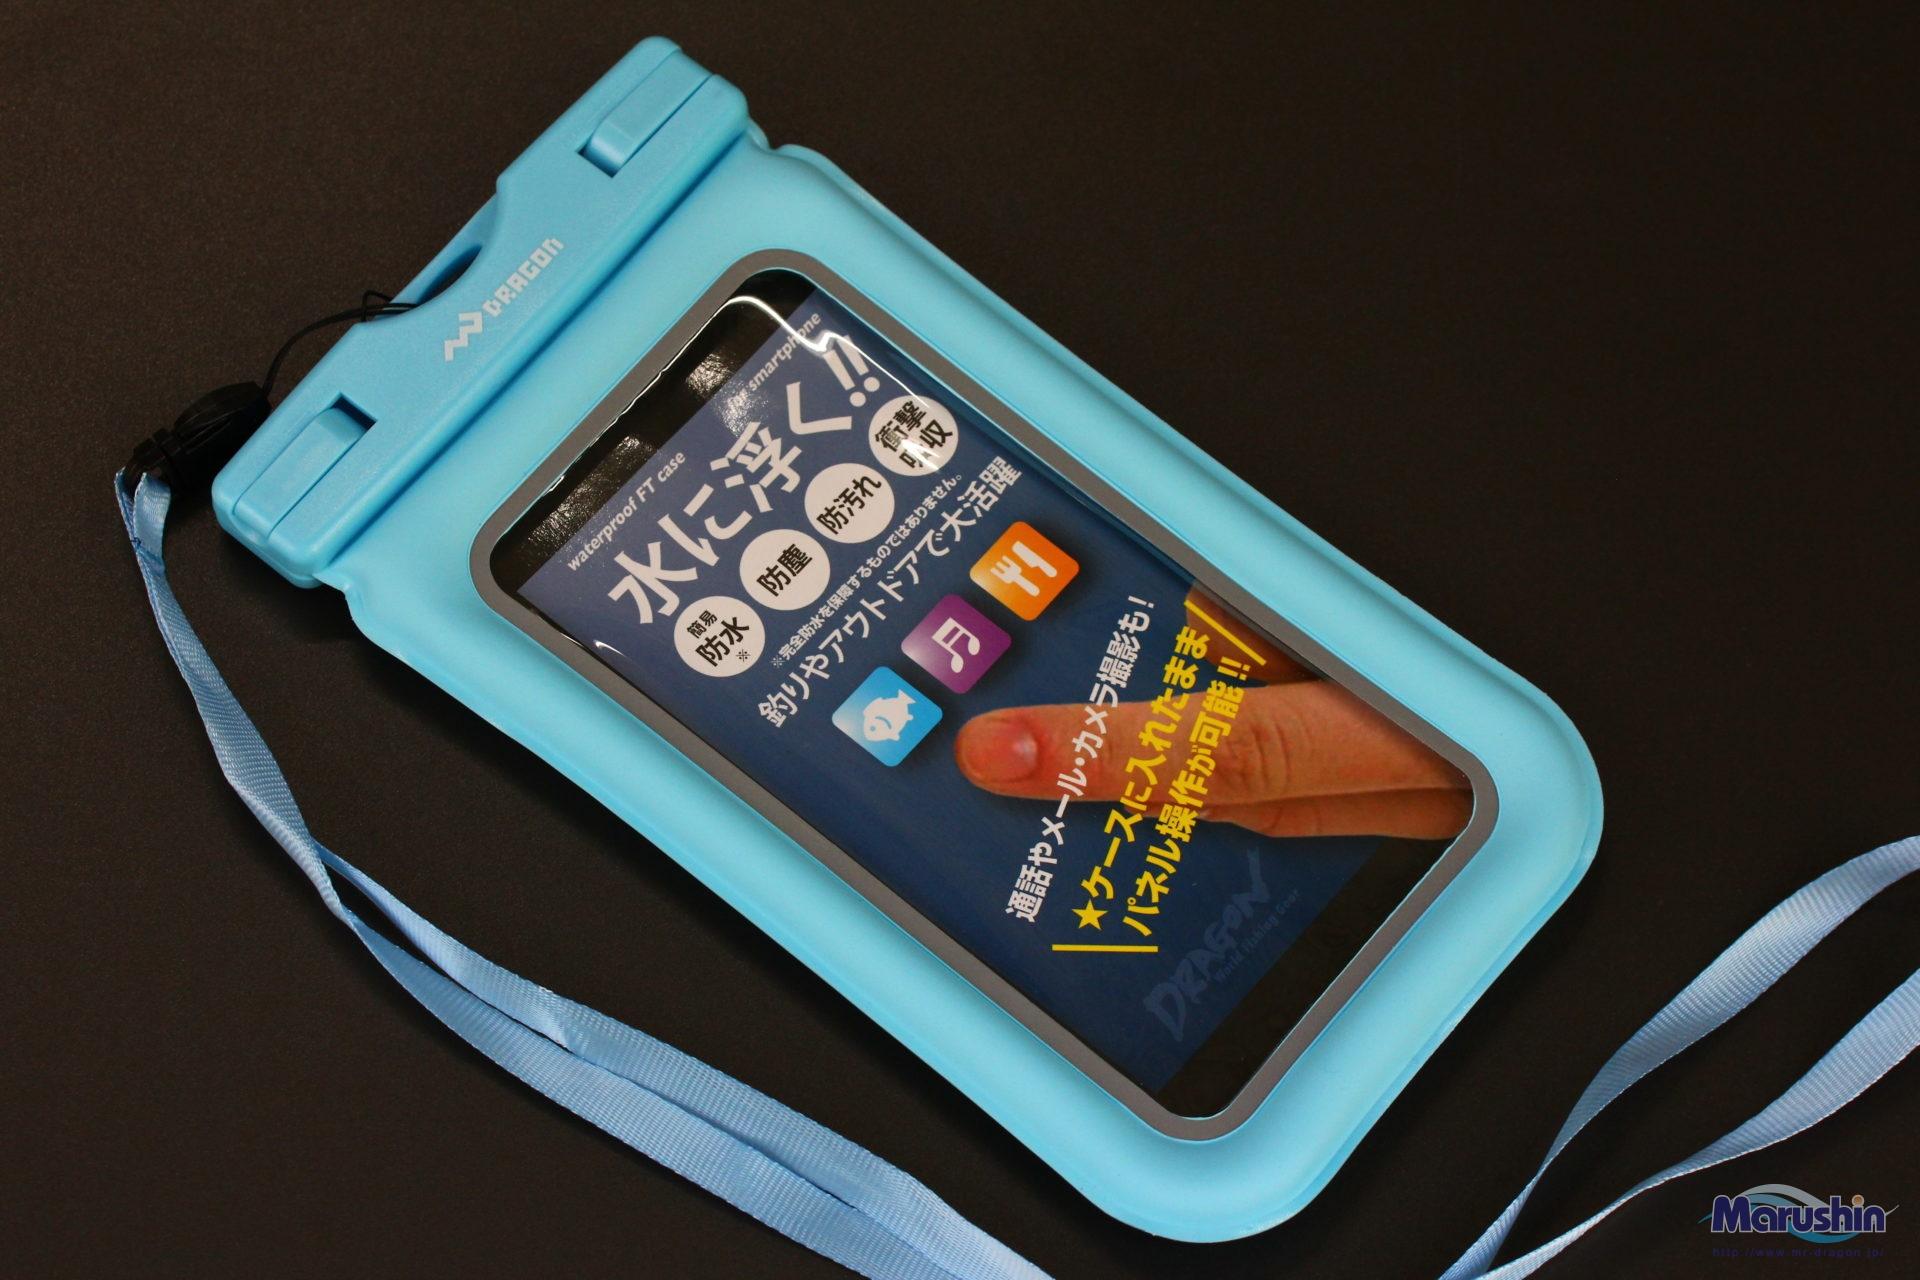 ウォータープルーフFTケース(スマートフォン用)イメージ画像